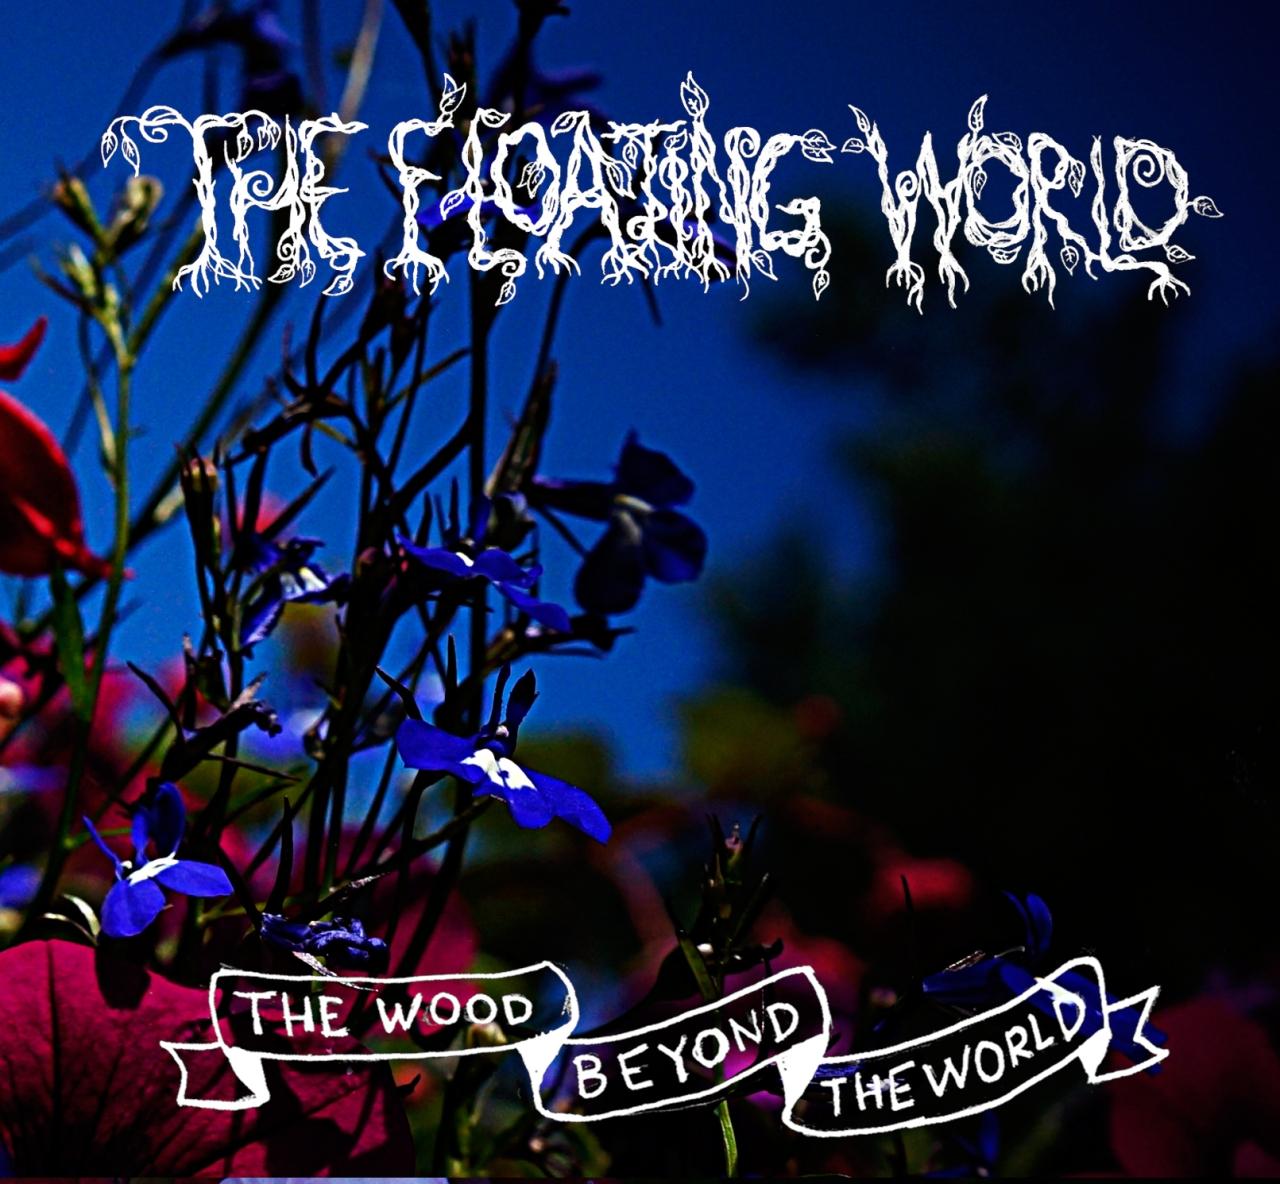 Vortex ~ Kali Yuga / Taphephobia ~ Escape from the Mundane Self / The Floating World ~ The Wood Beyond theWorld